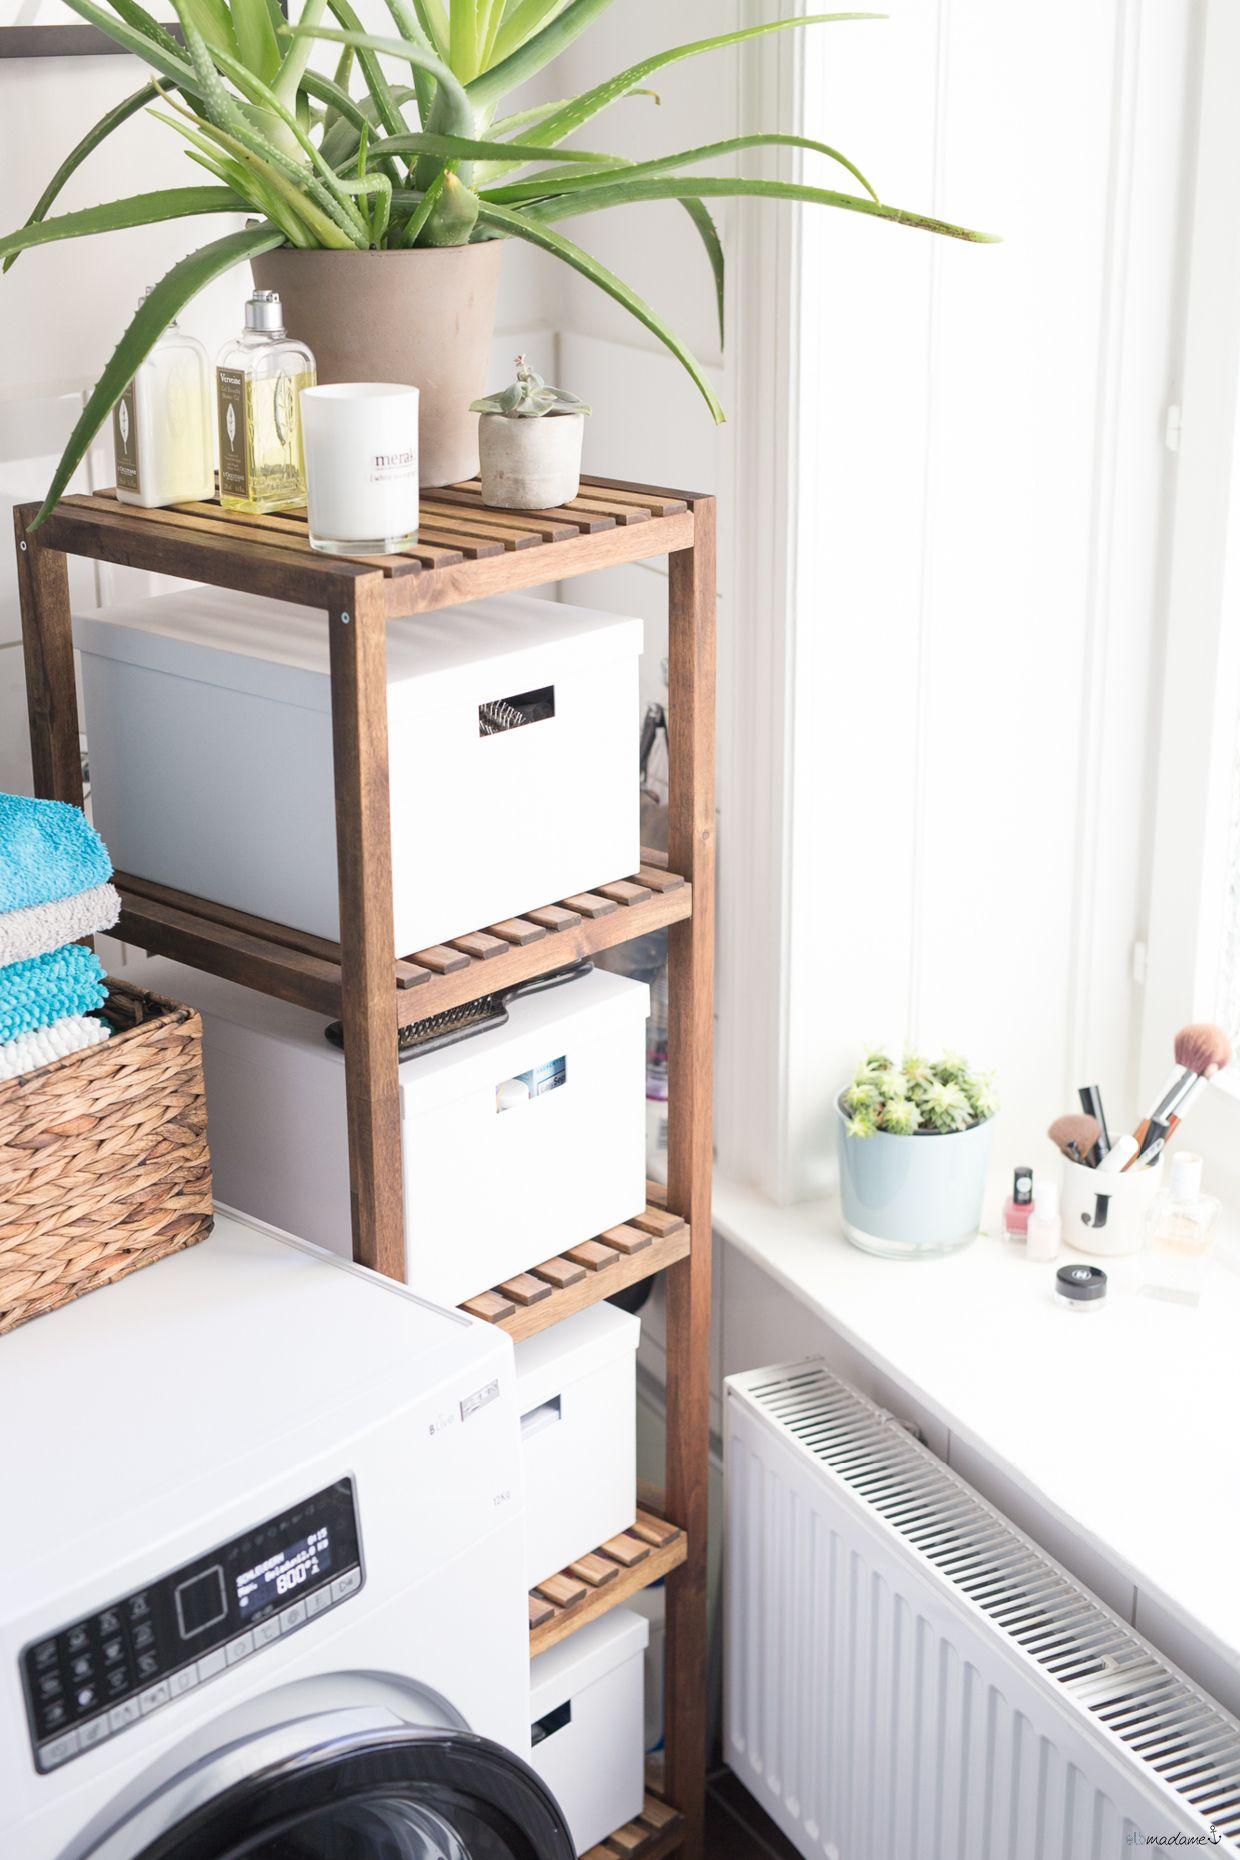 Schnelle Badezimmer Umgestaltung Und Eine Neue Waschmaschine Badezimmer Umgestaltung Badezimmer Aufbewahrung Und Badezimmer Renovieren